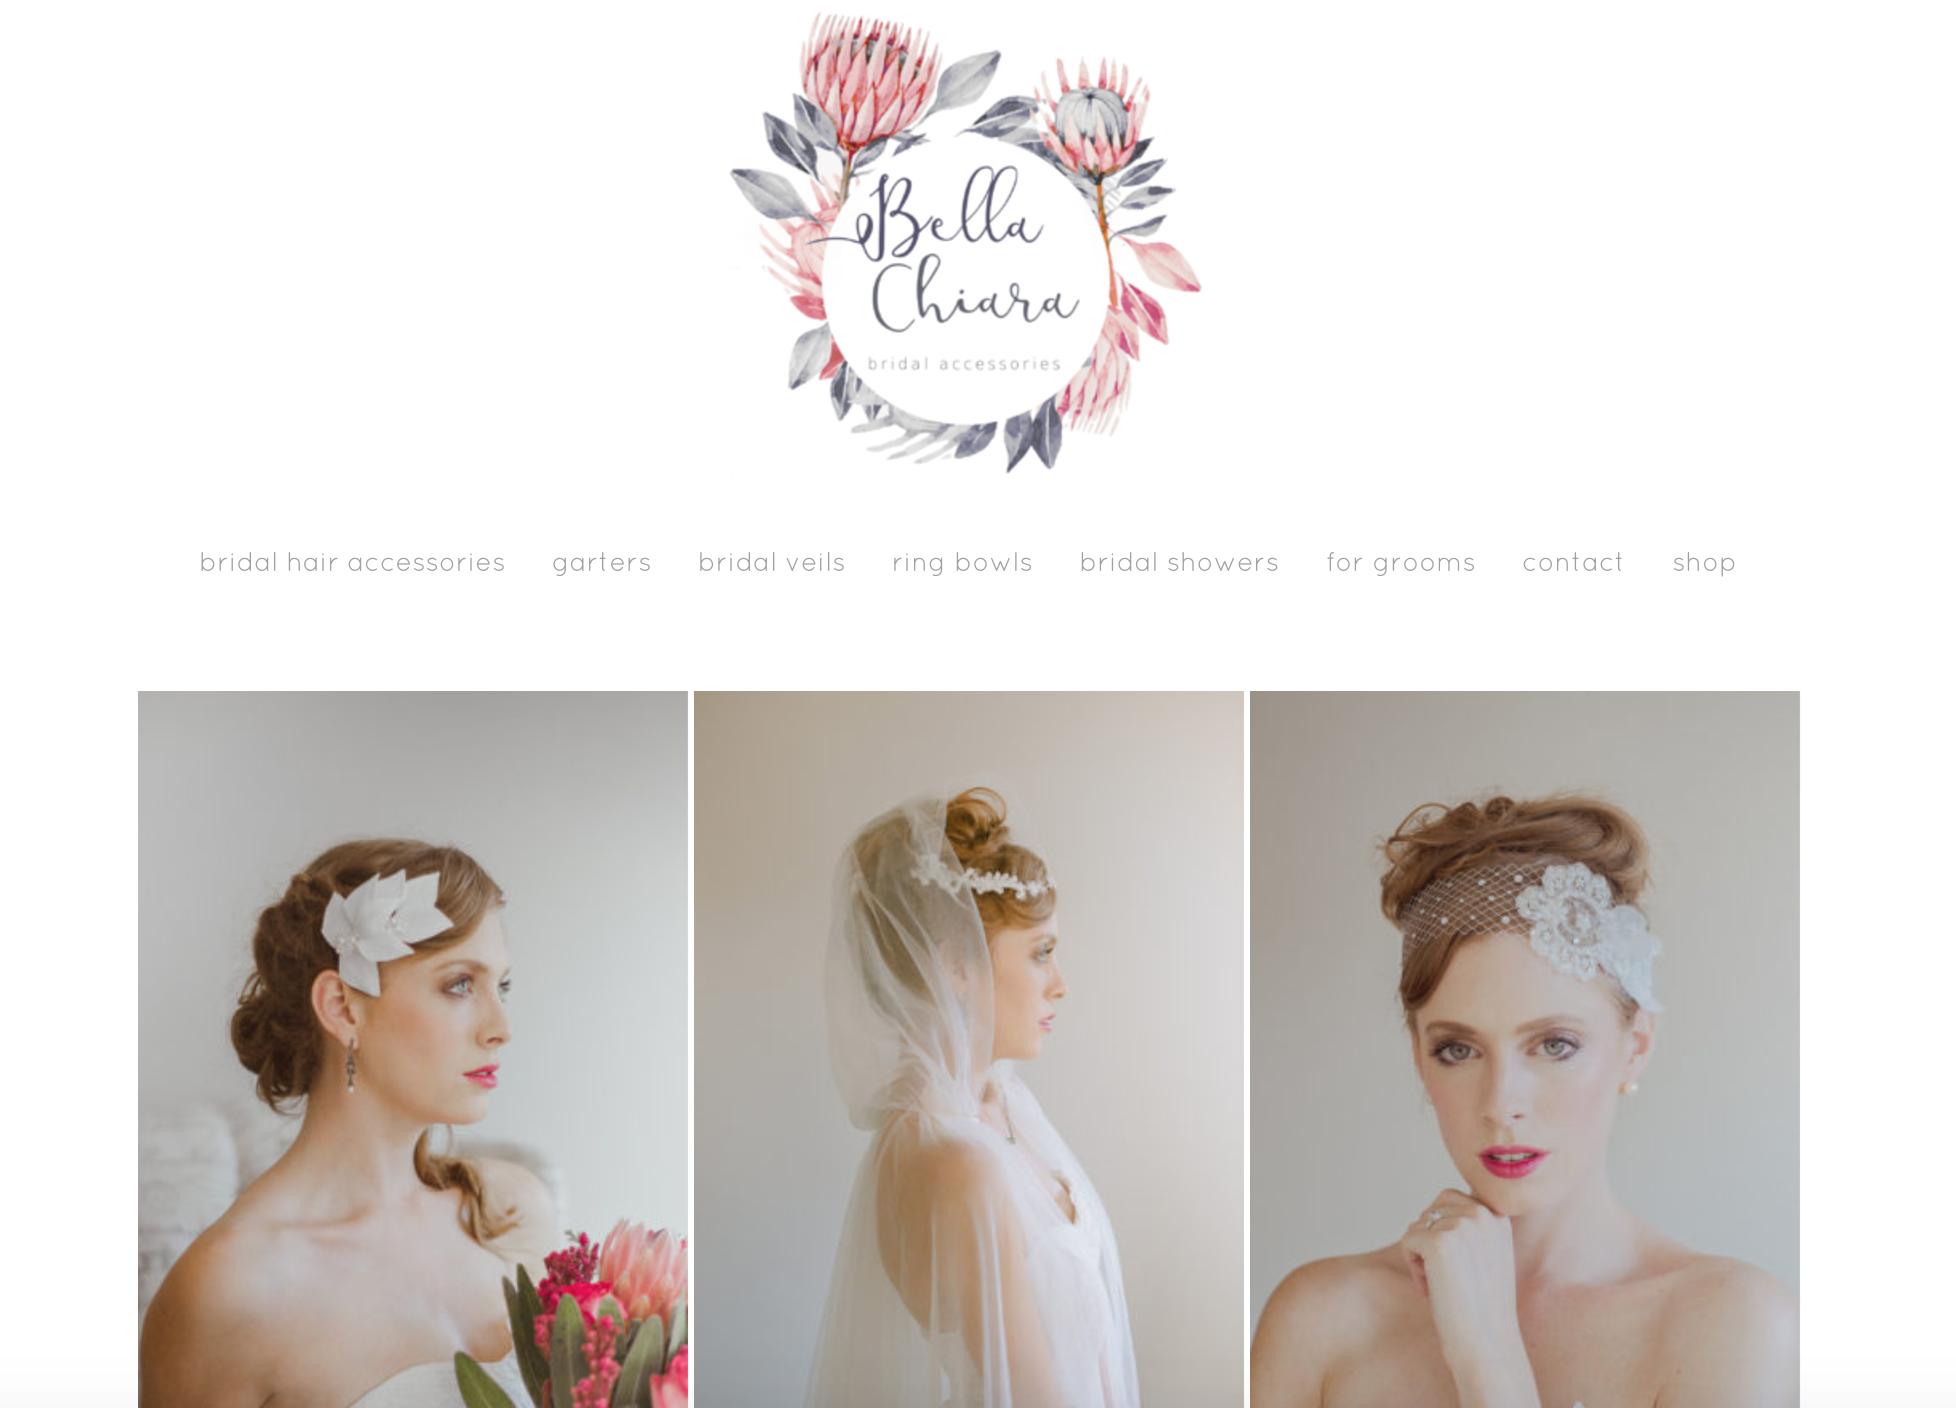 Bella Chiara - Bridal Accessories